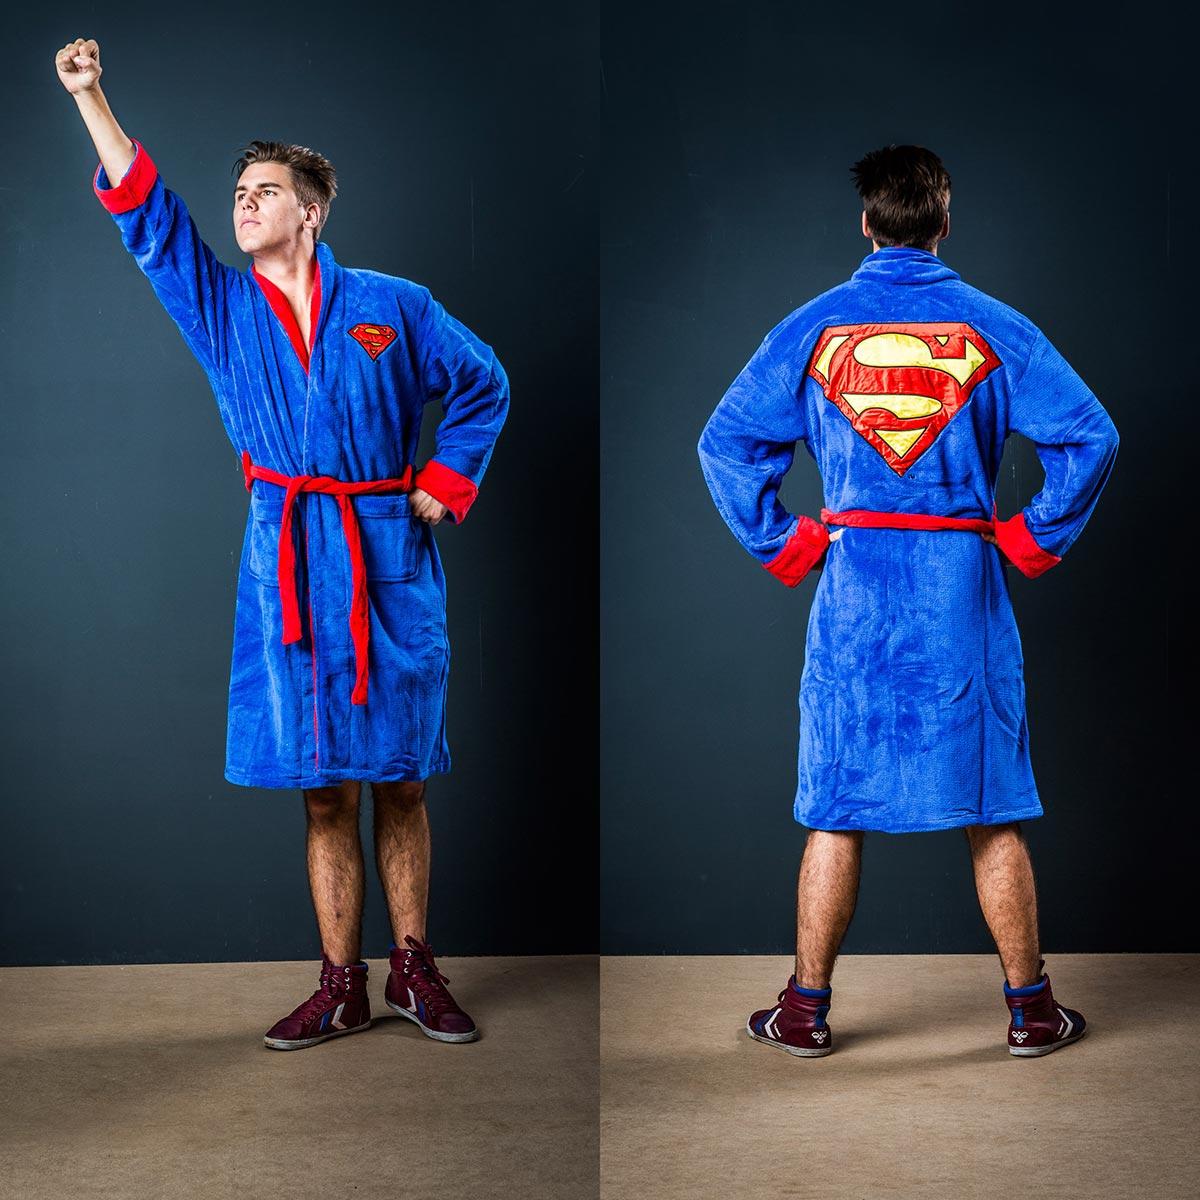 Weihnachtsgeschenke_fuer_maenner_Superman_bademantel